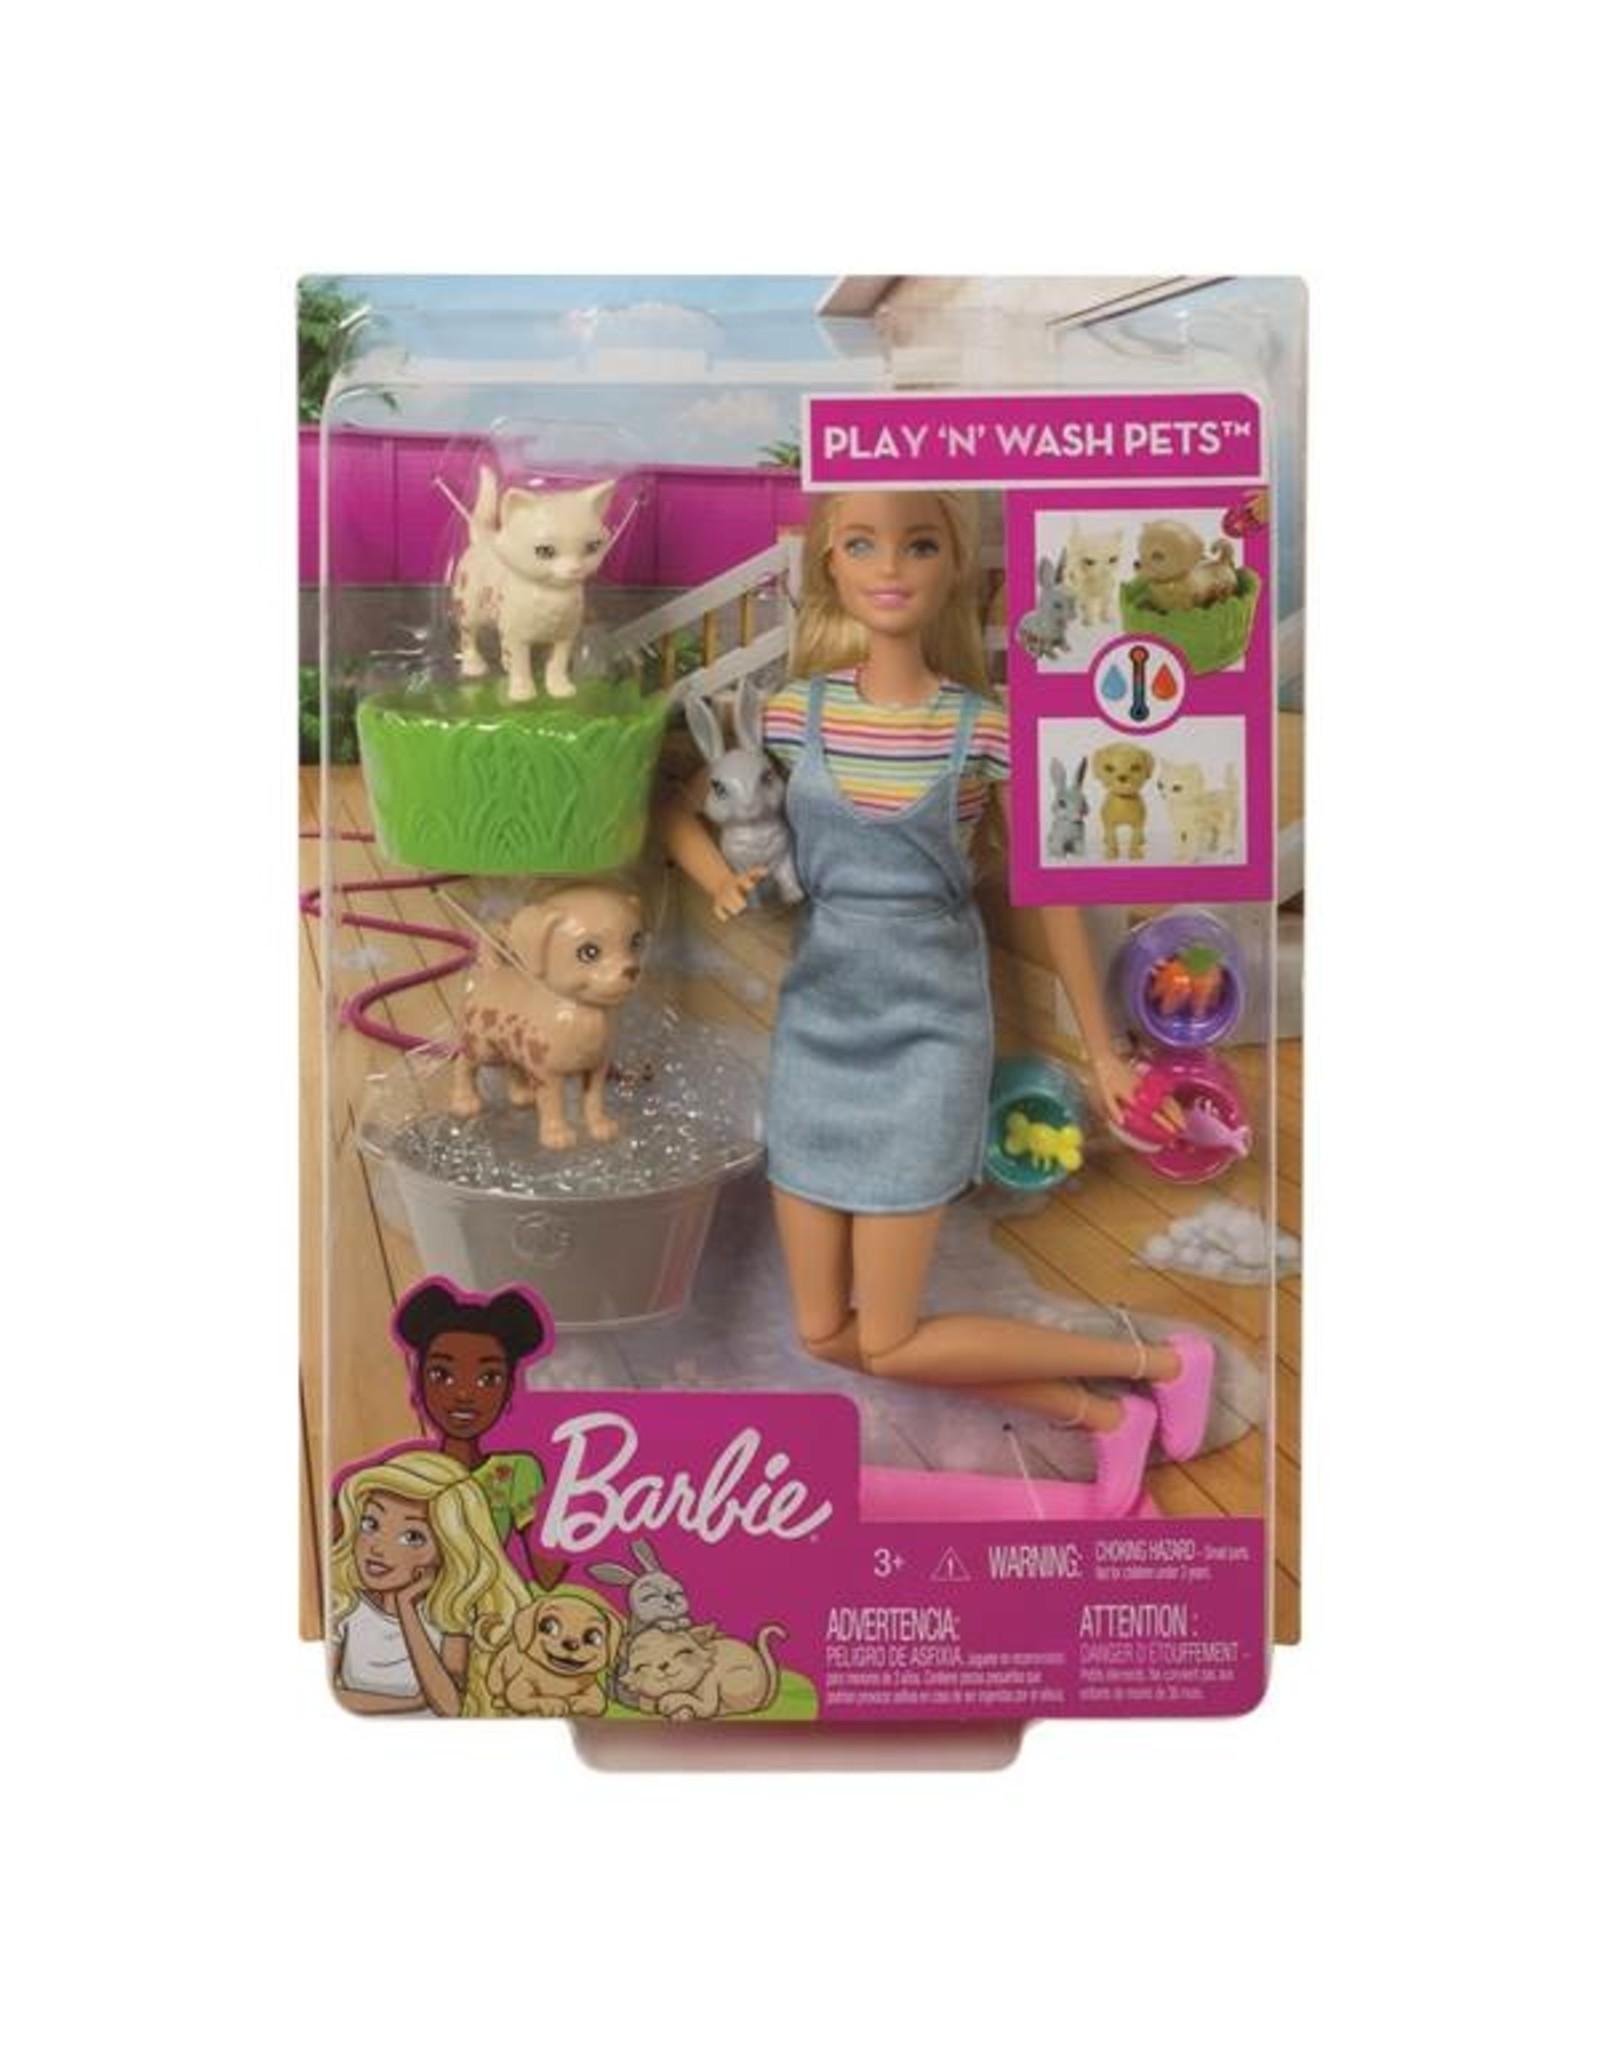 Barbie Barbie Play N Wash Pets Doll & Playset